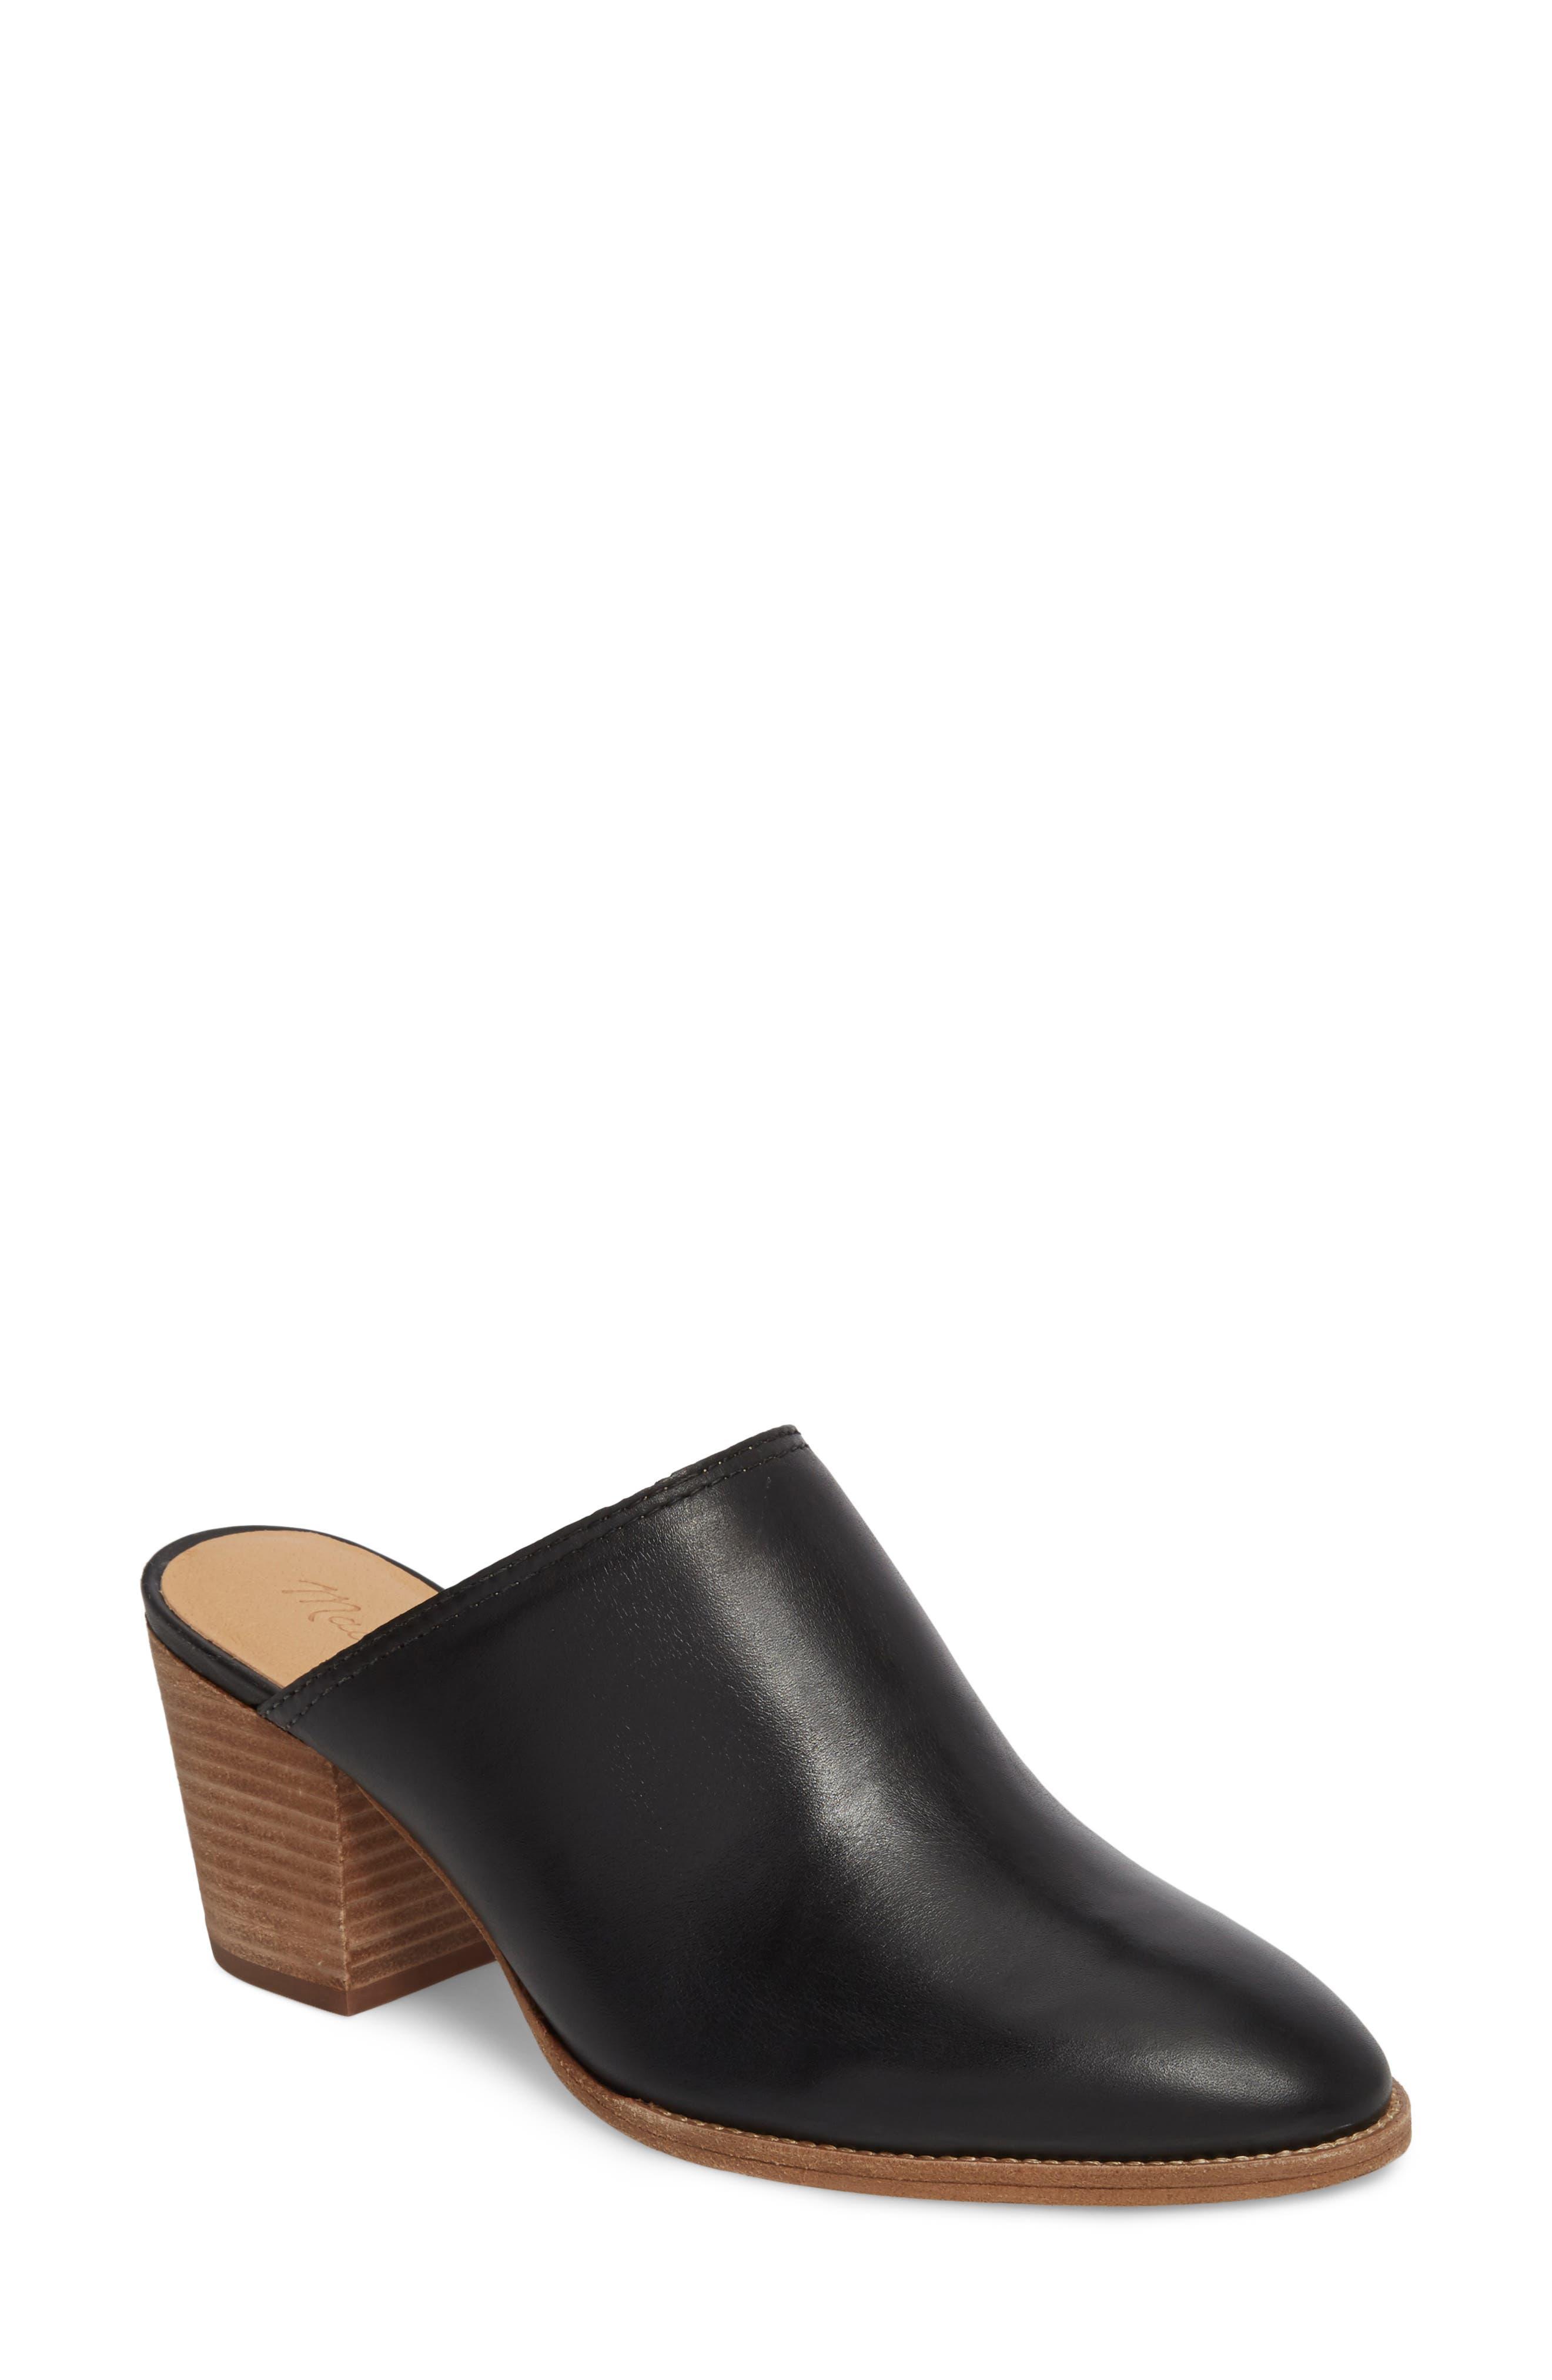 Mule Heels & High-Heel Shoes for Women | Nordstrom